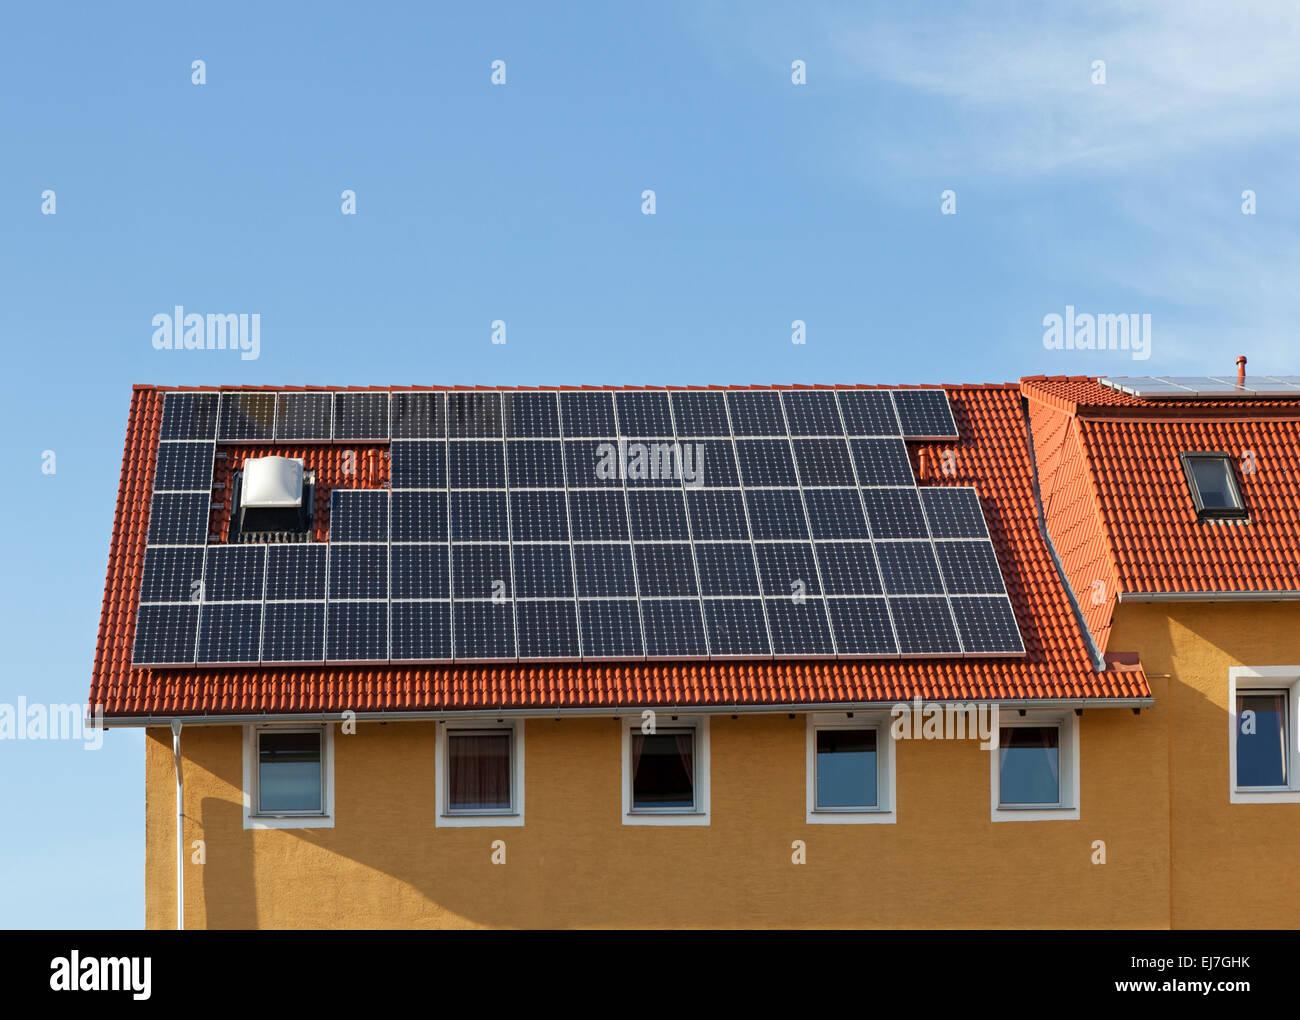 Des panneaux solaires sur le toit Photo Stock